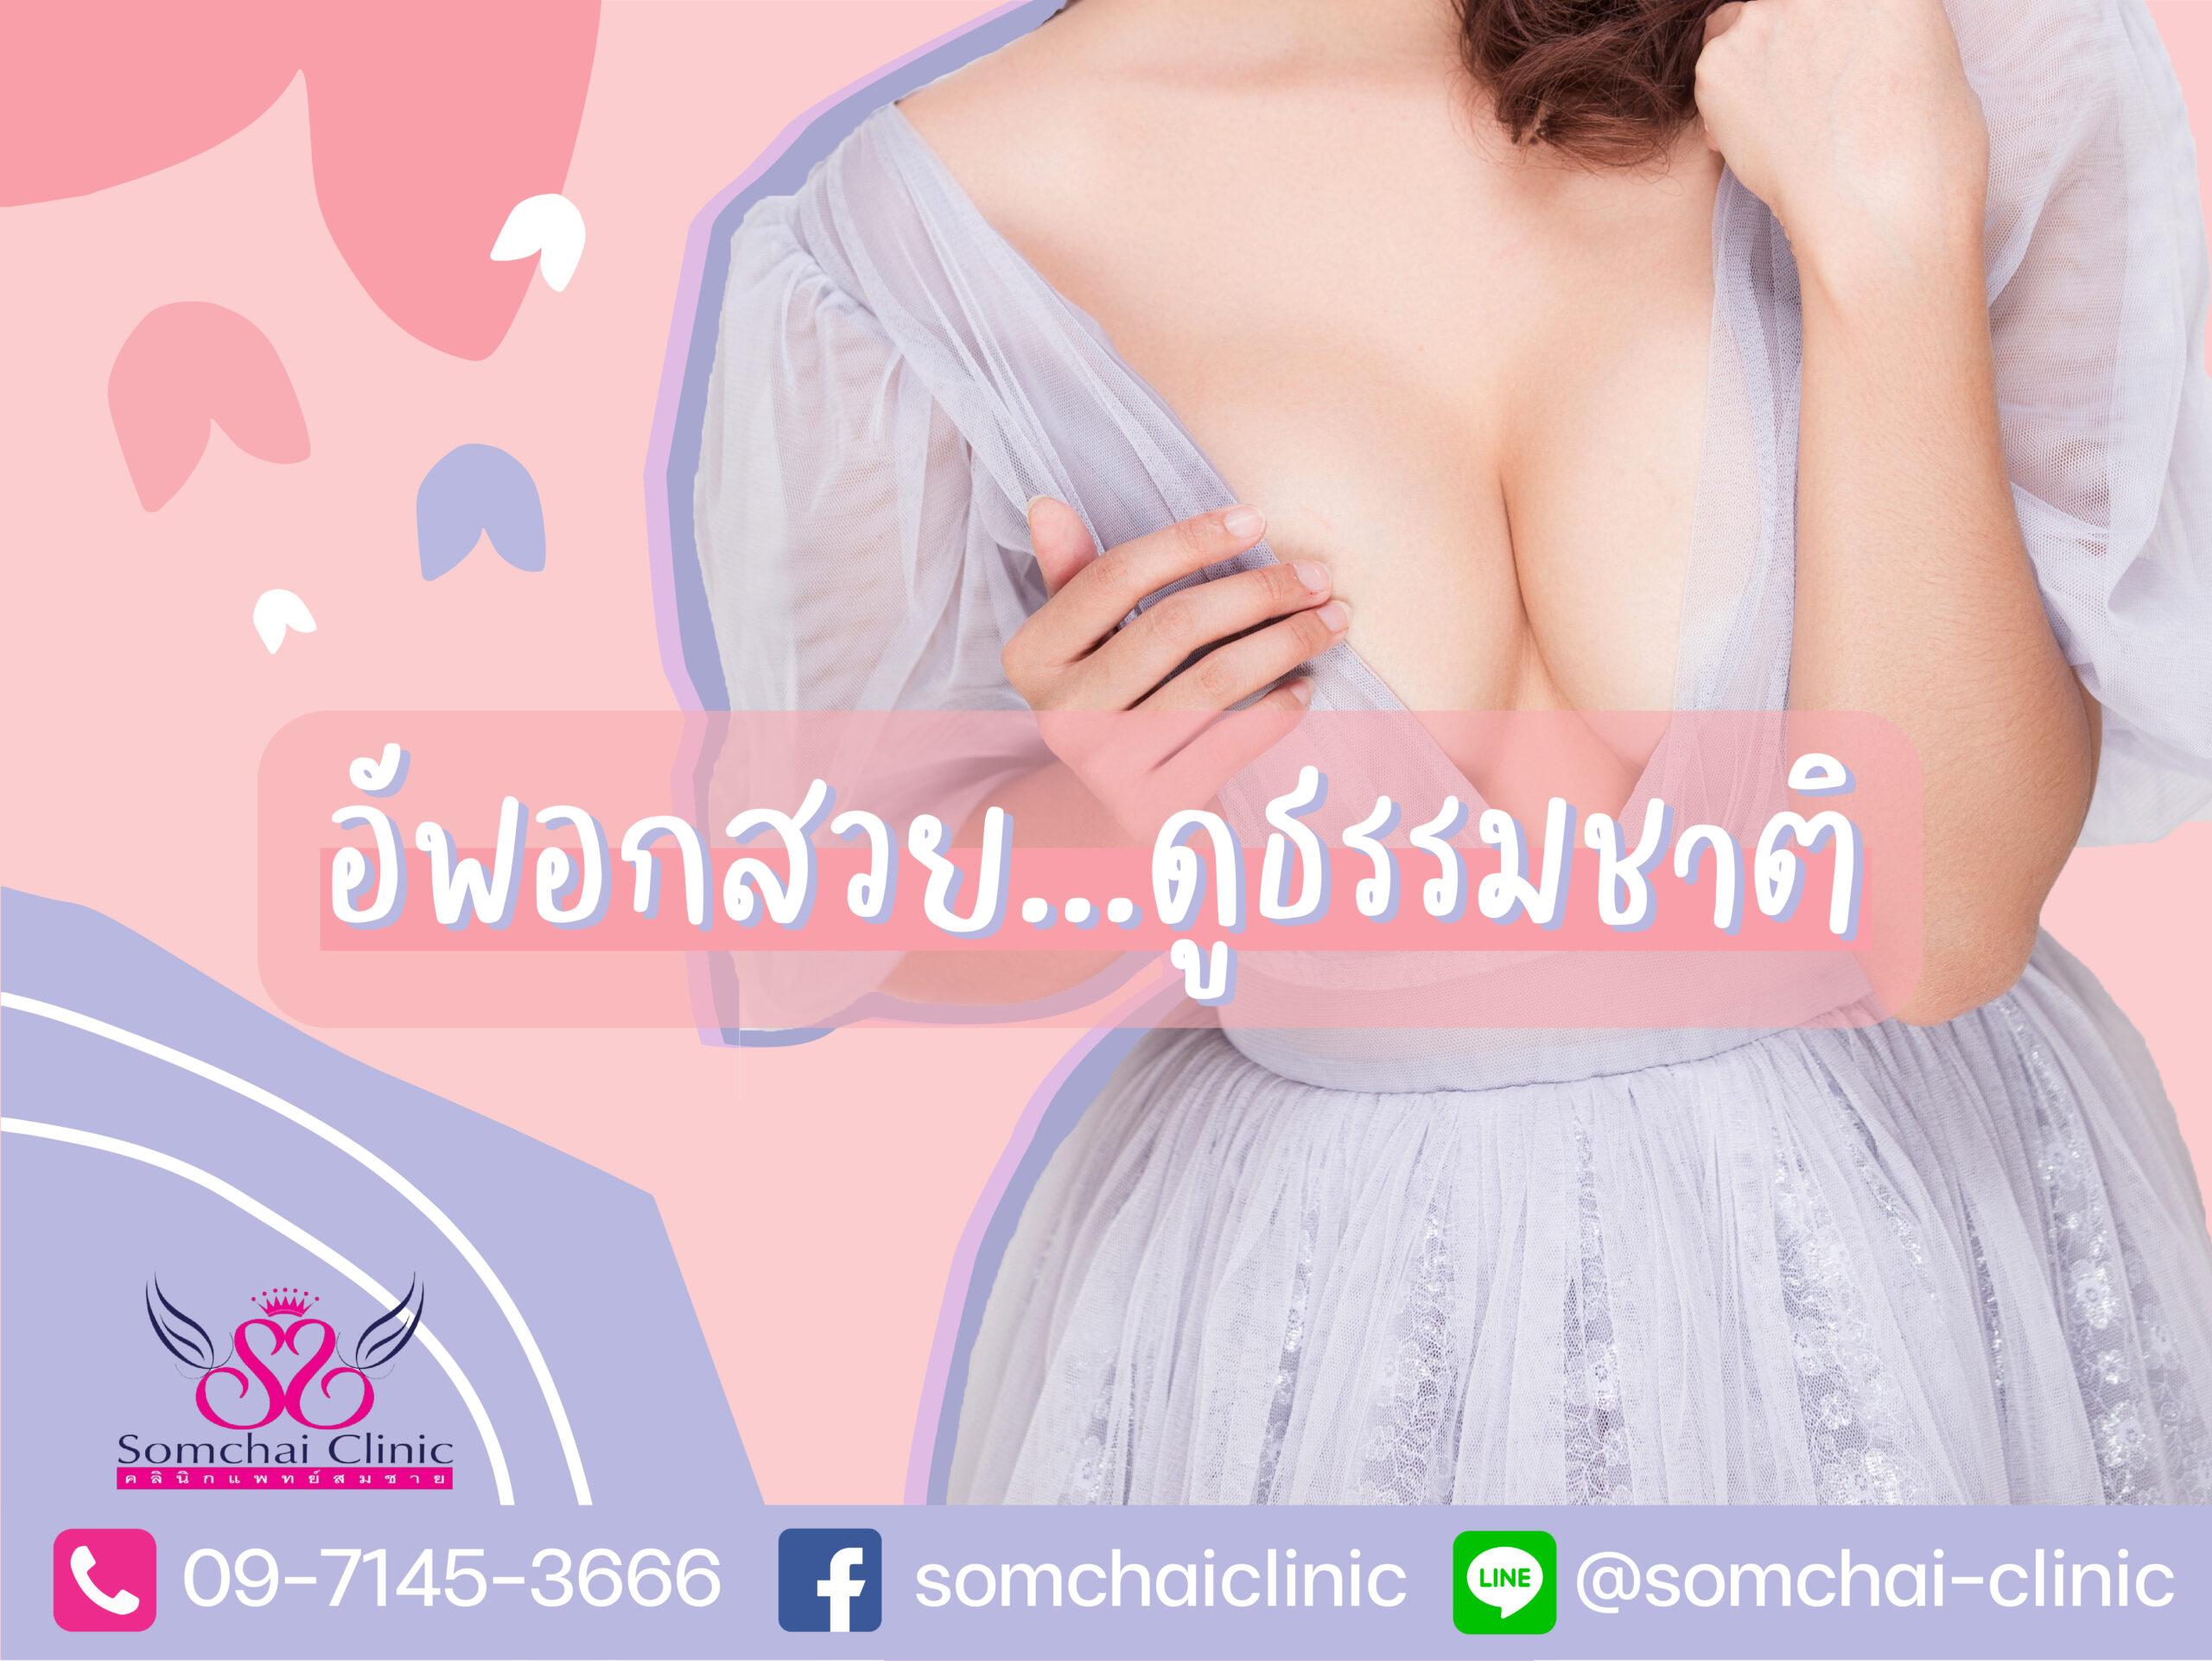 อัพอกสวยดูธรรมชาติ-คลินิกแพทย์สมชาย